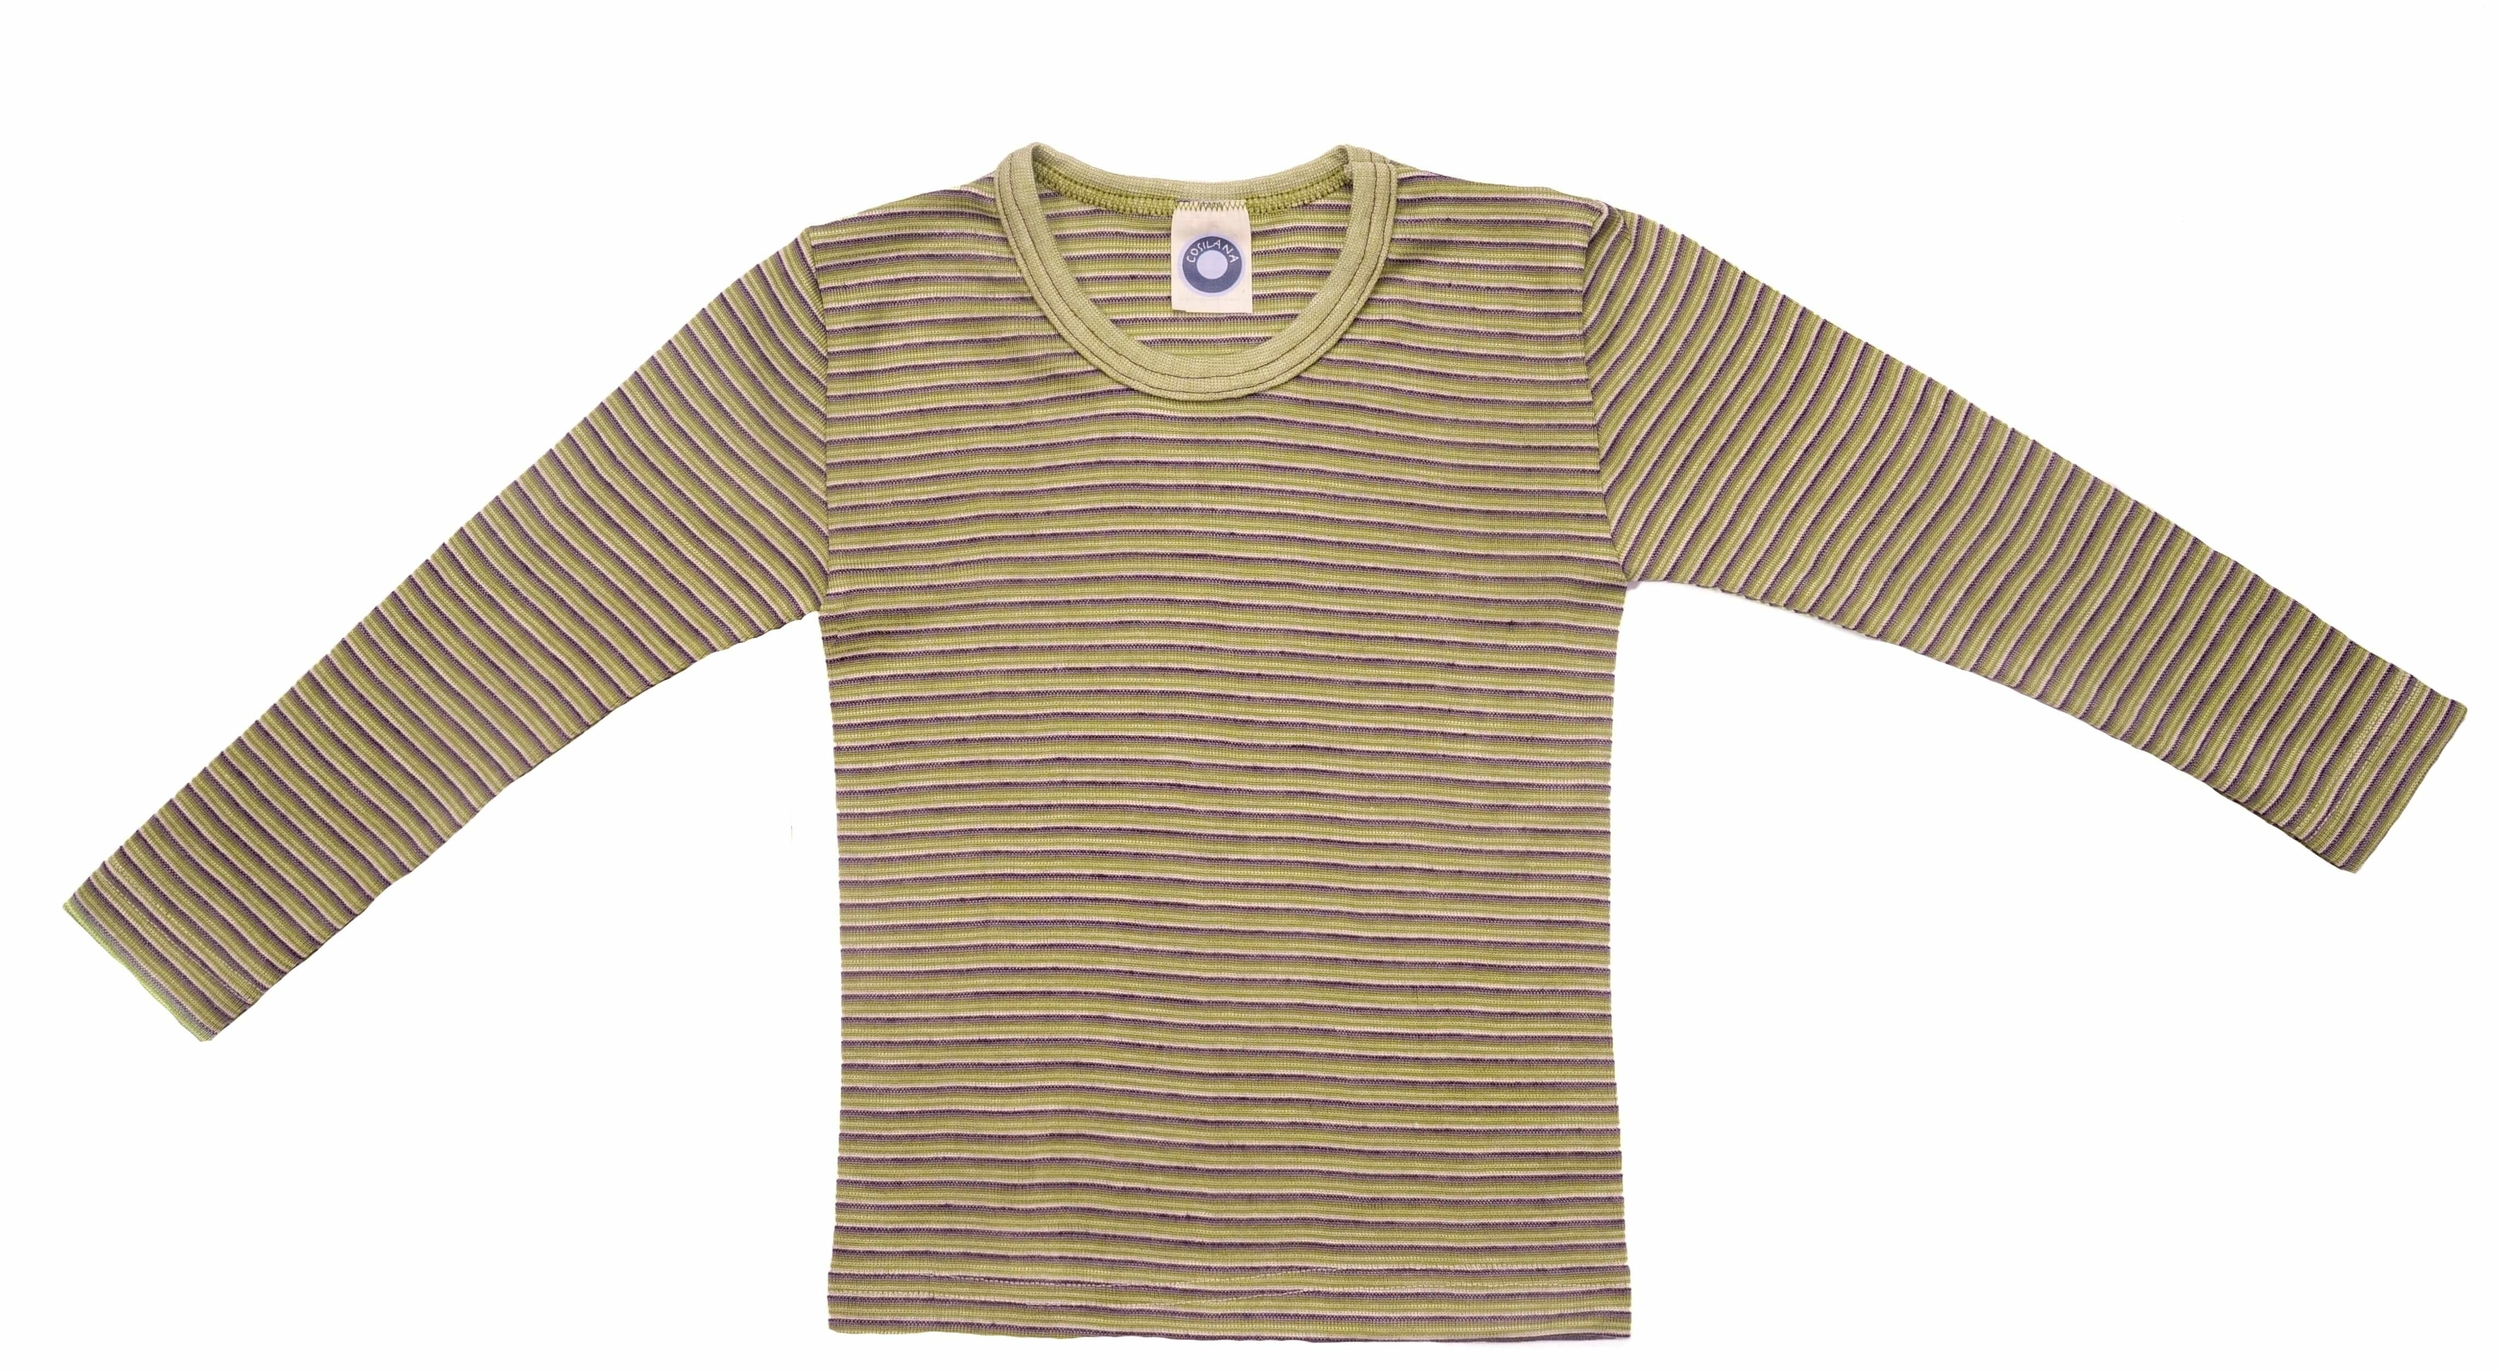 Cosilana T-shirt manches longues enfants Laine/soie vert/prune/naturel rayé-71233-273